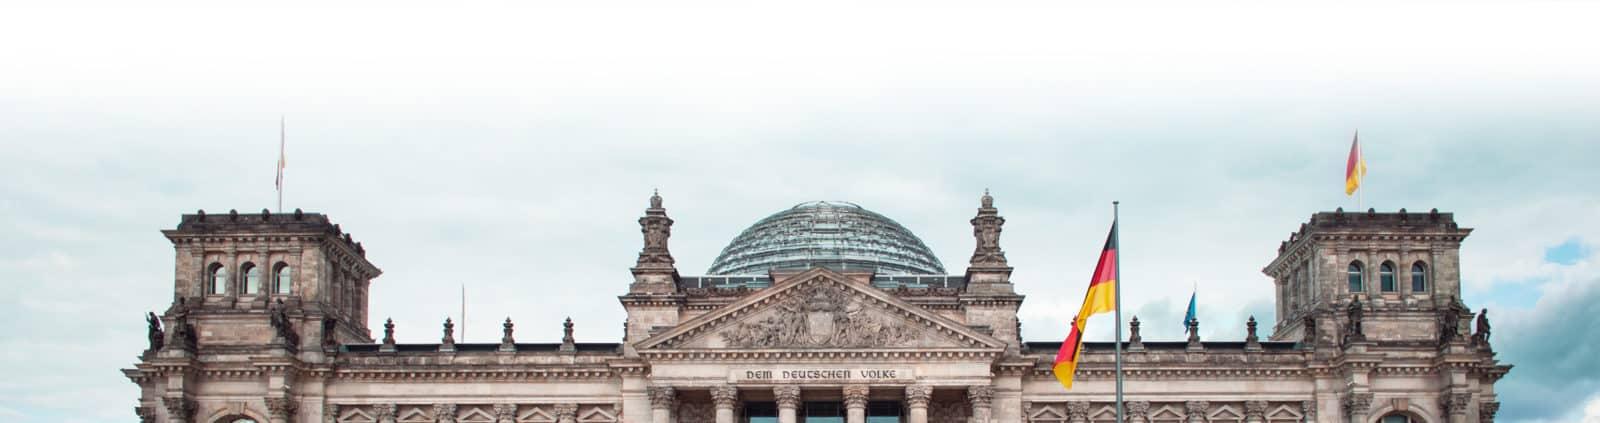 Foto des oberern Teil des Reichstags